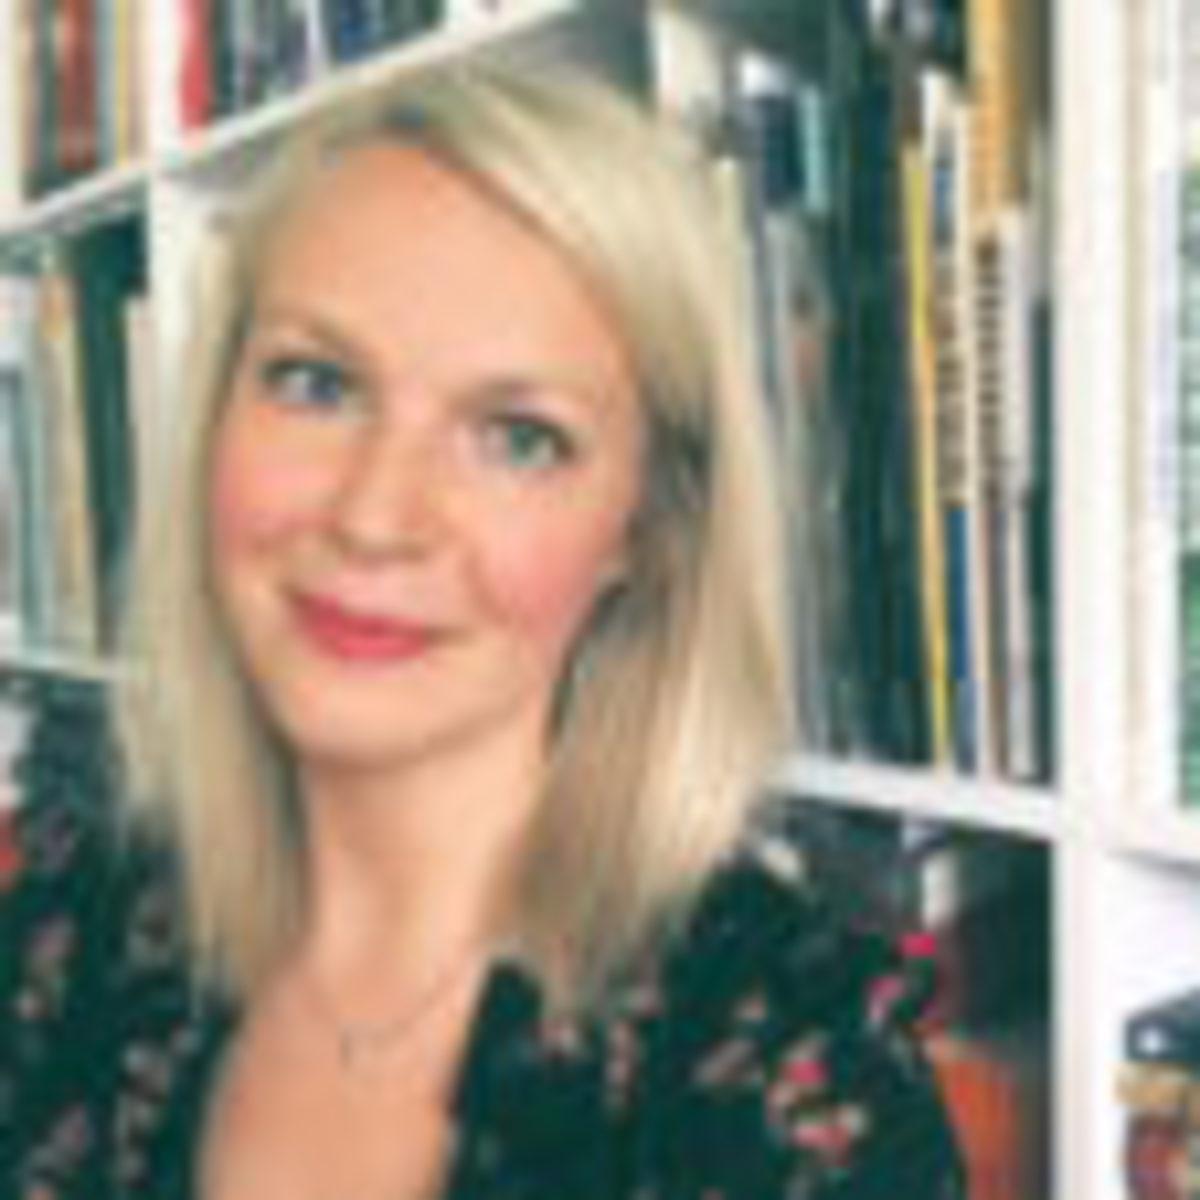 Erin Clyburn